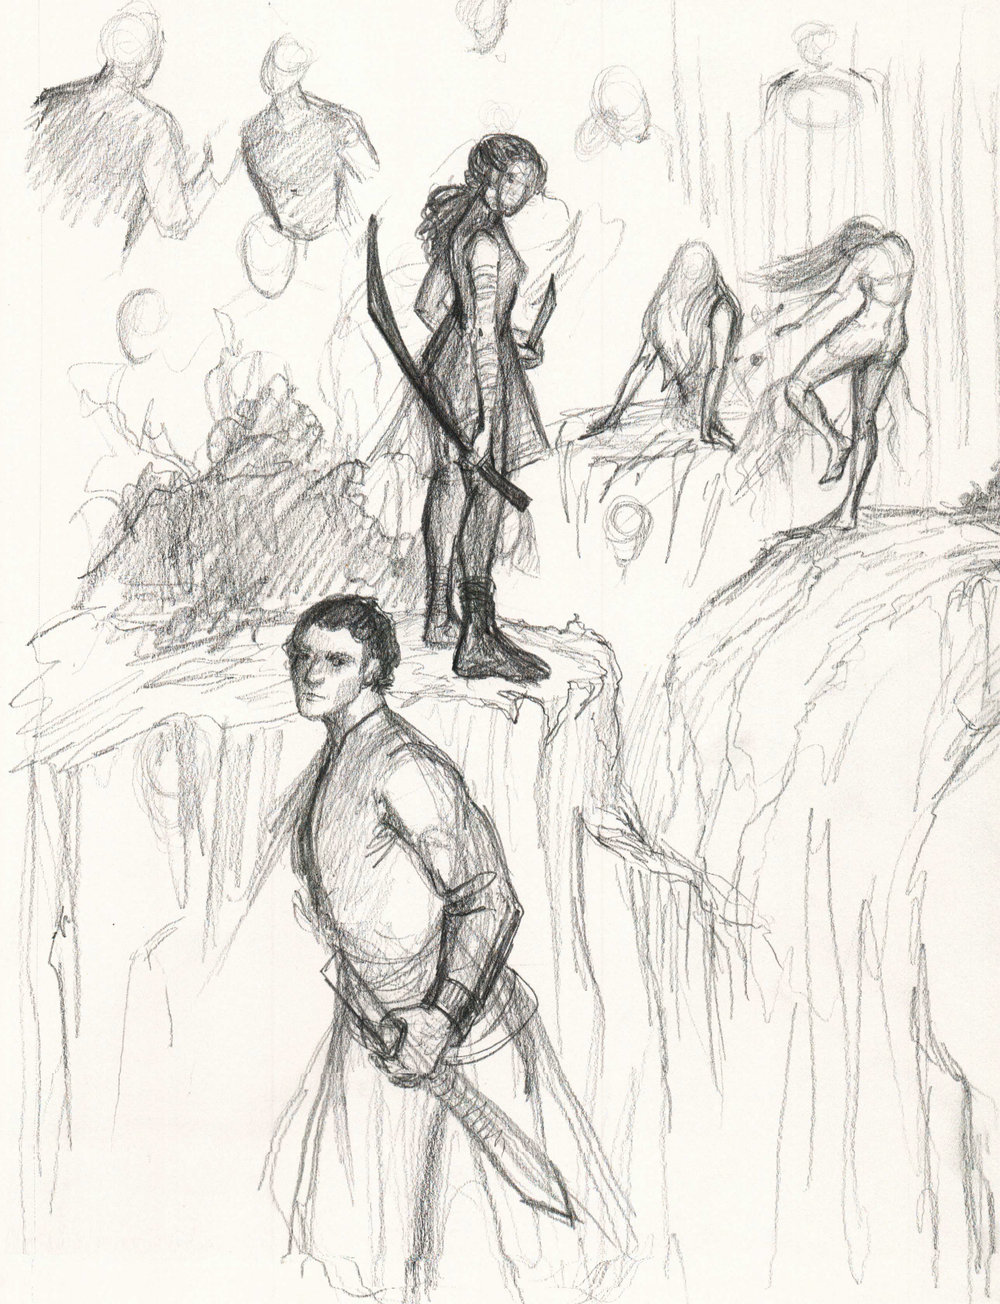 SketchbookPage02.jpg